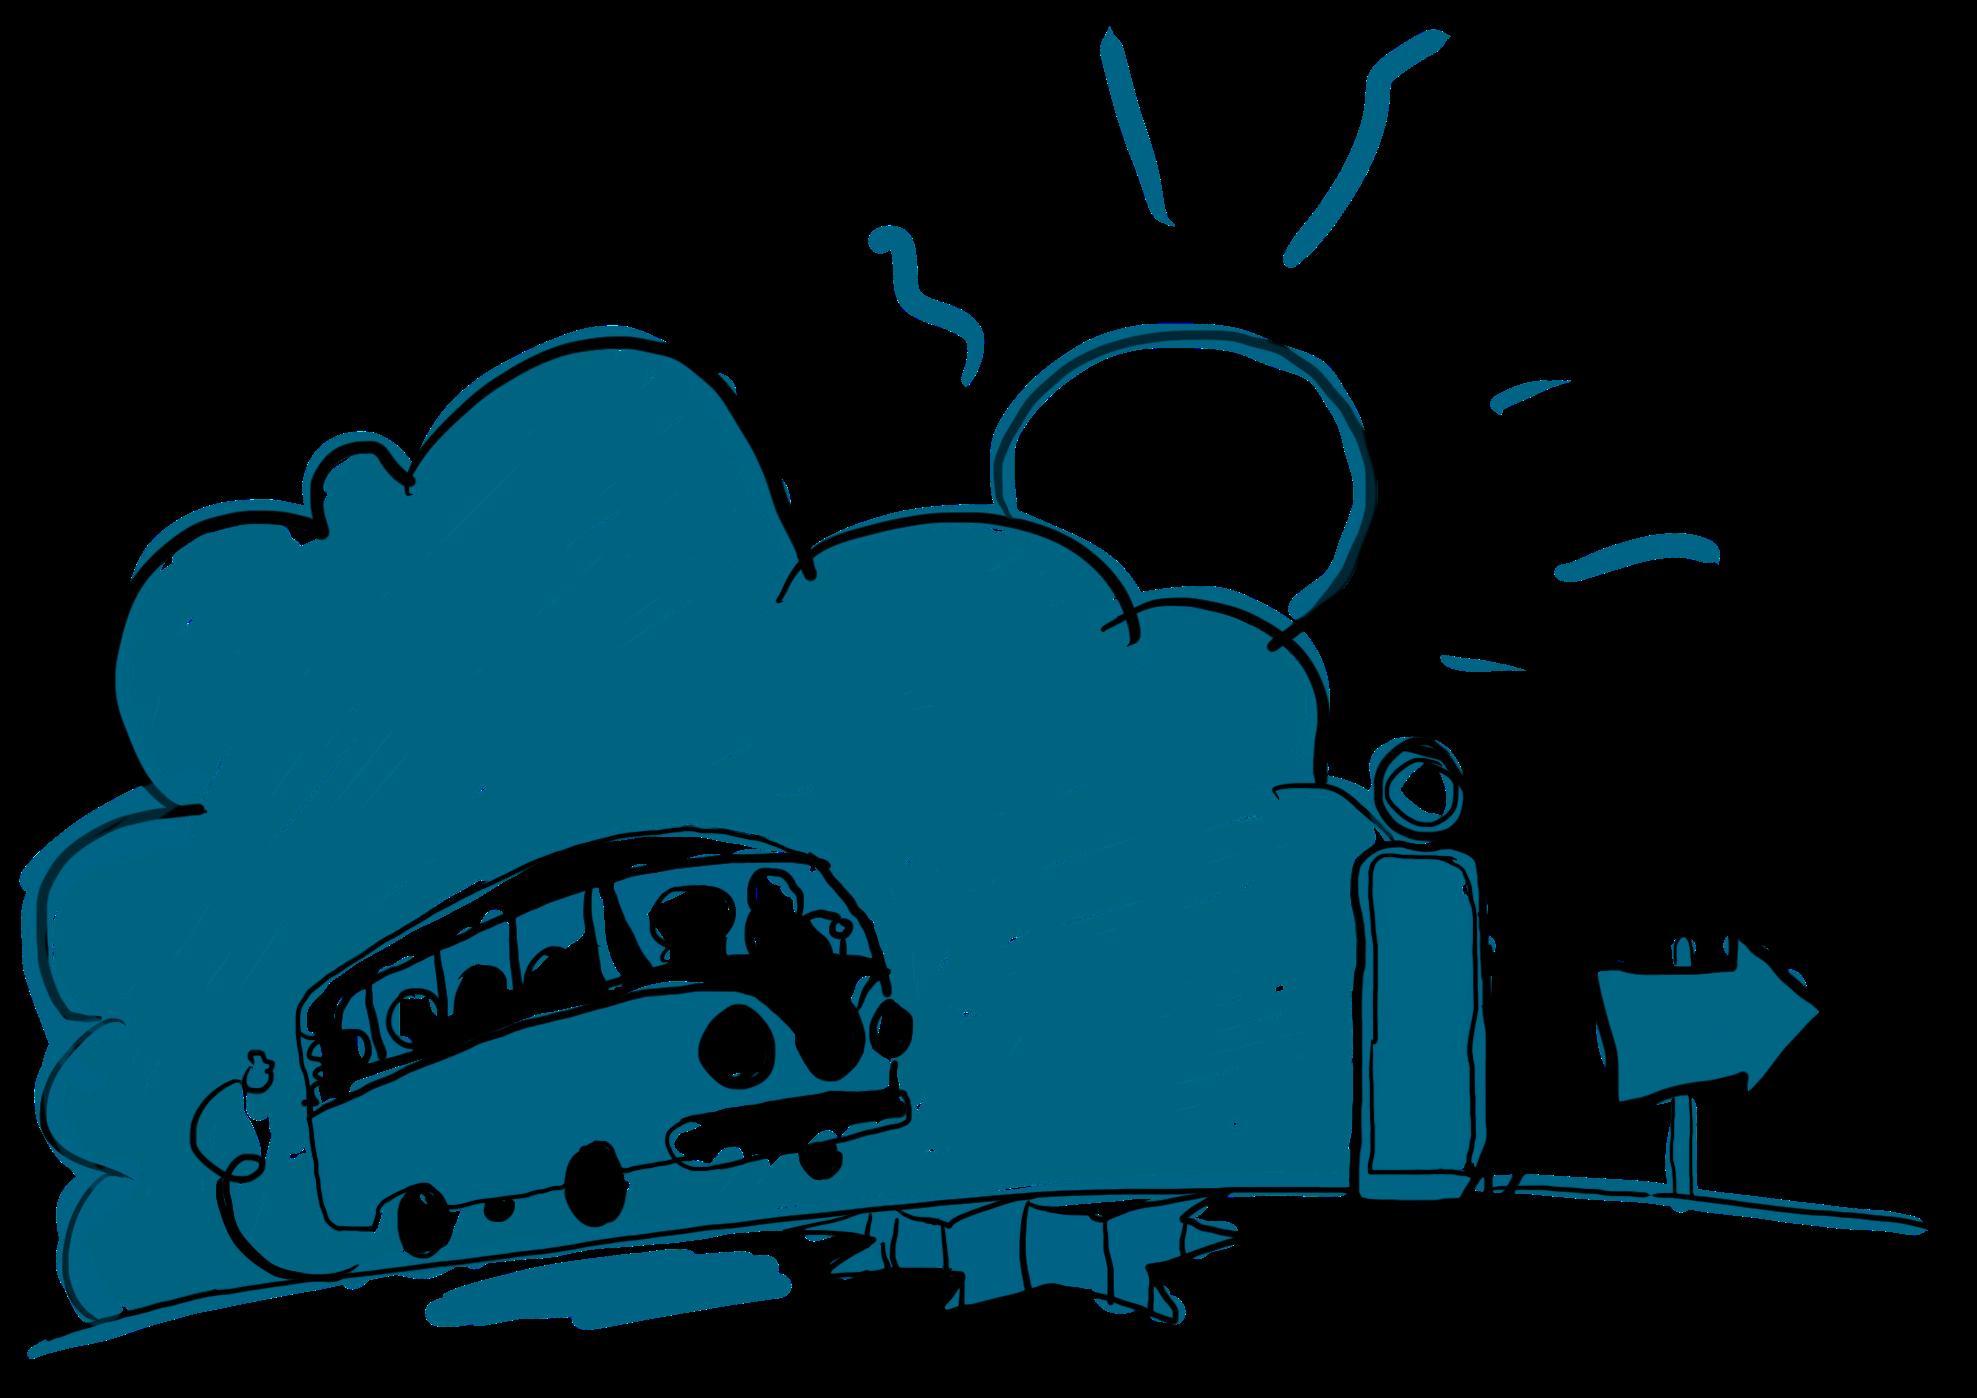 Team canvas bus